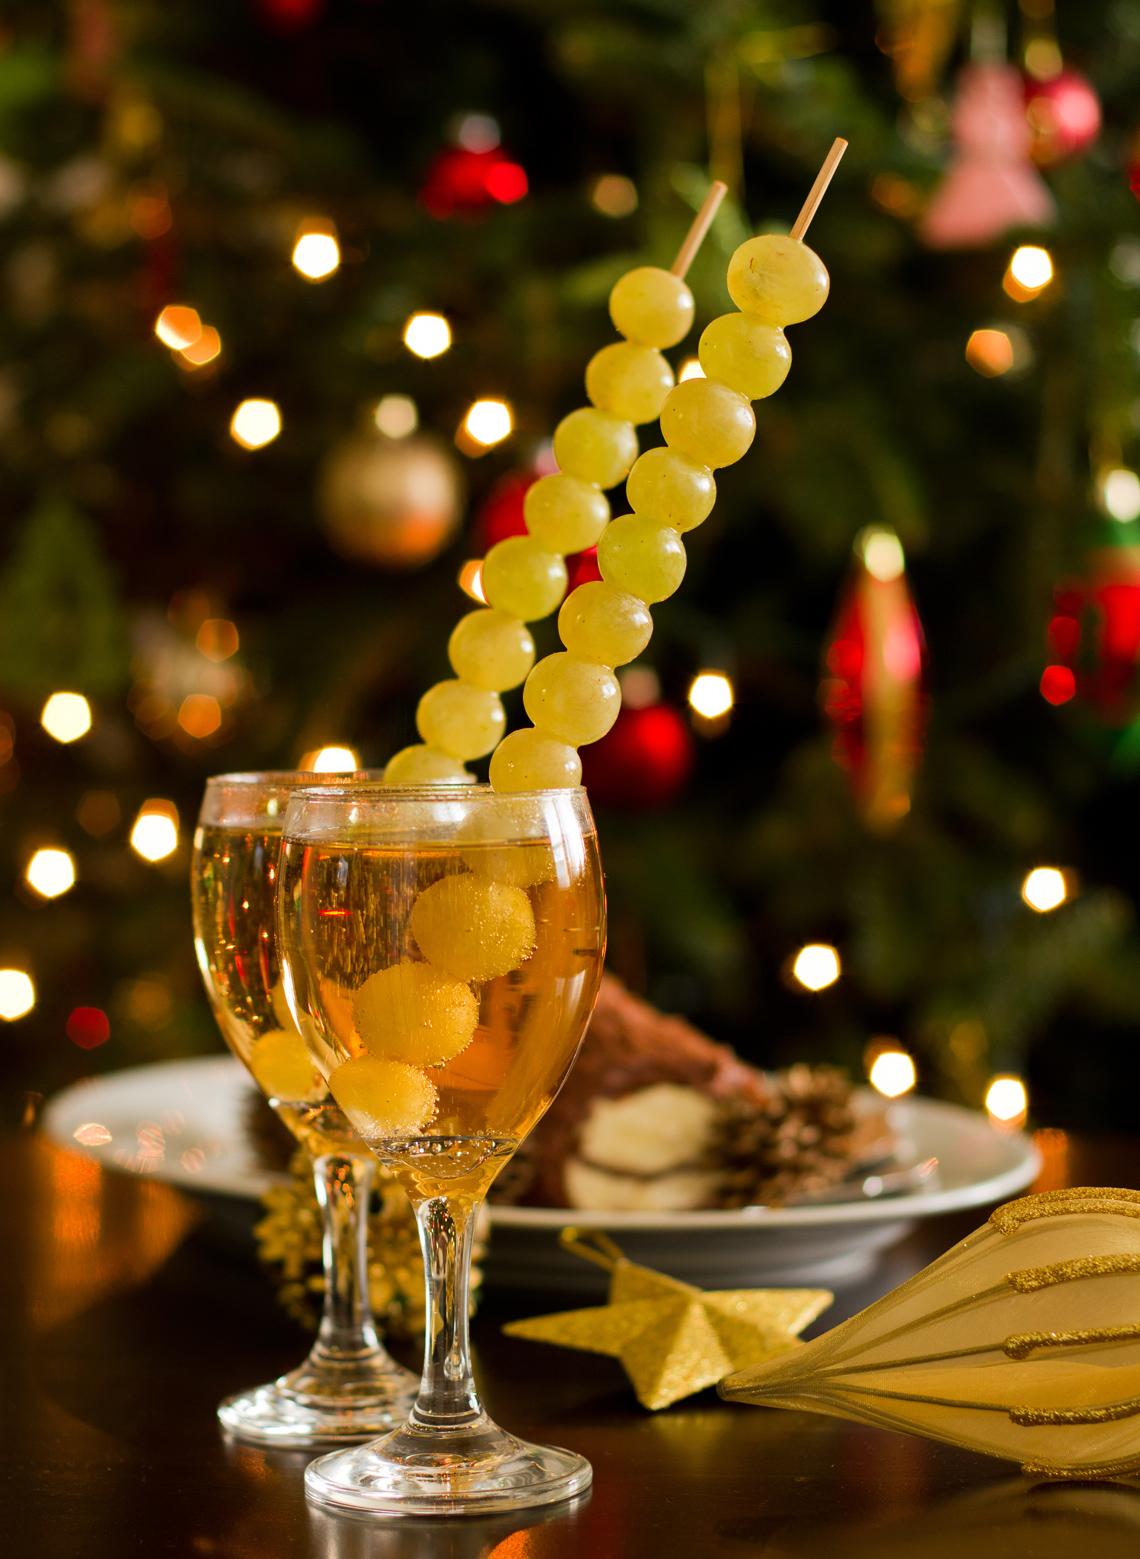 Copas de champaña con uvas verdes y decoración para la celebración de fin de año.